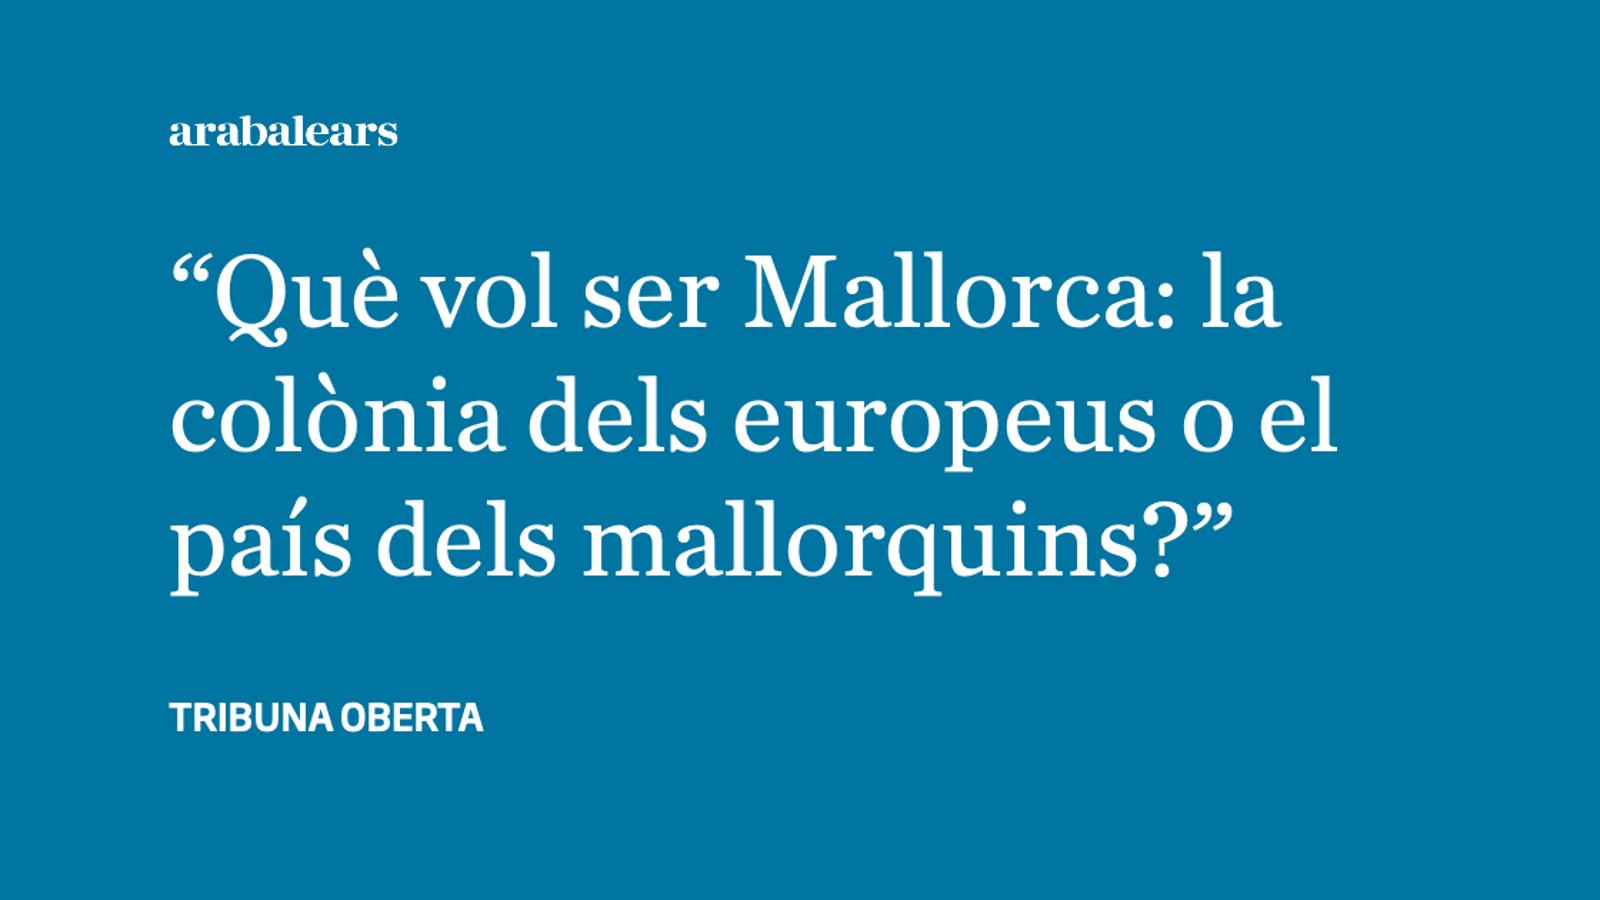 Les Illes Balears, una colònia mediterrània